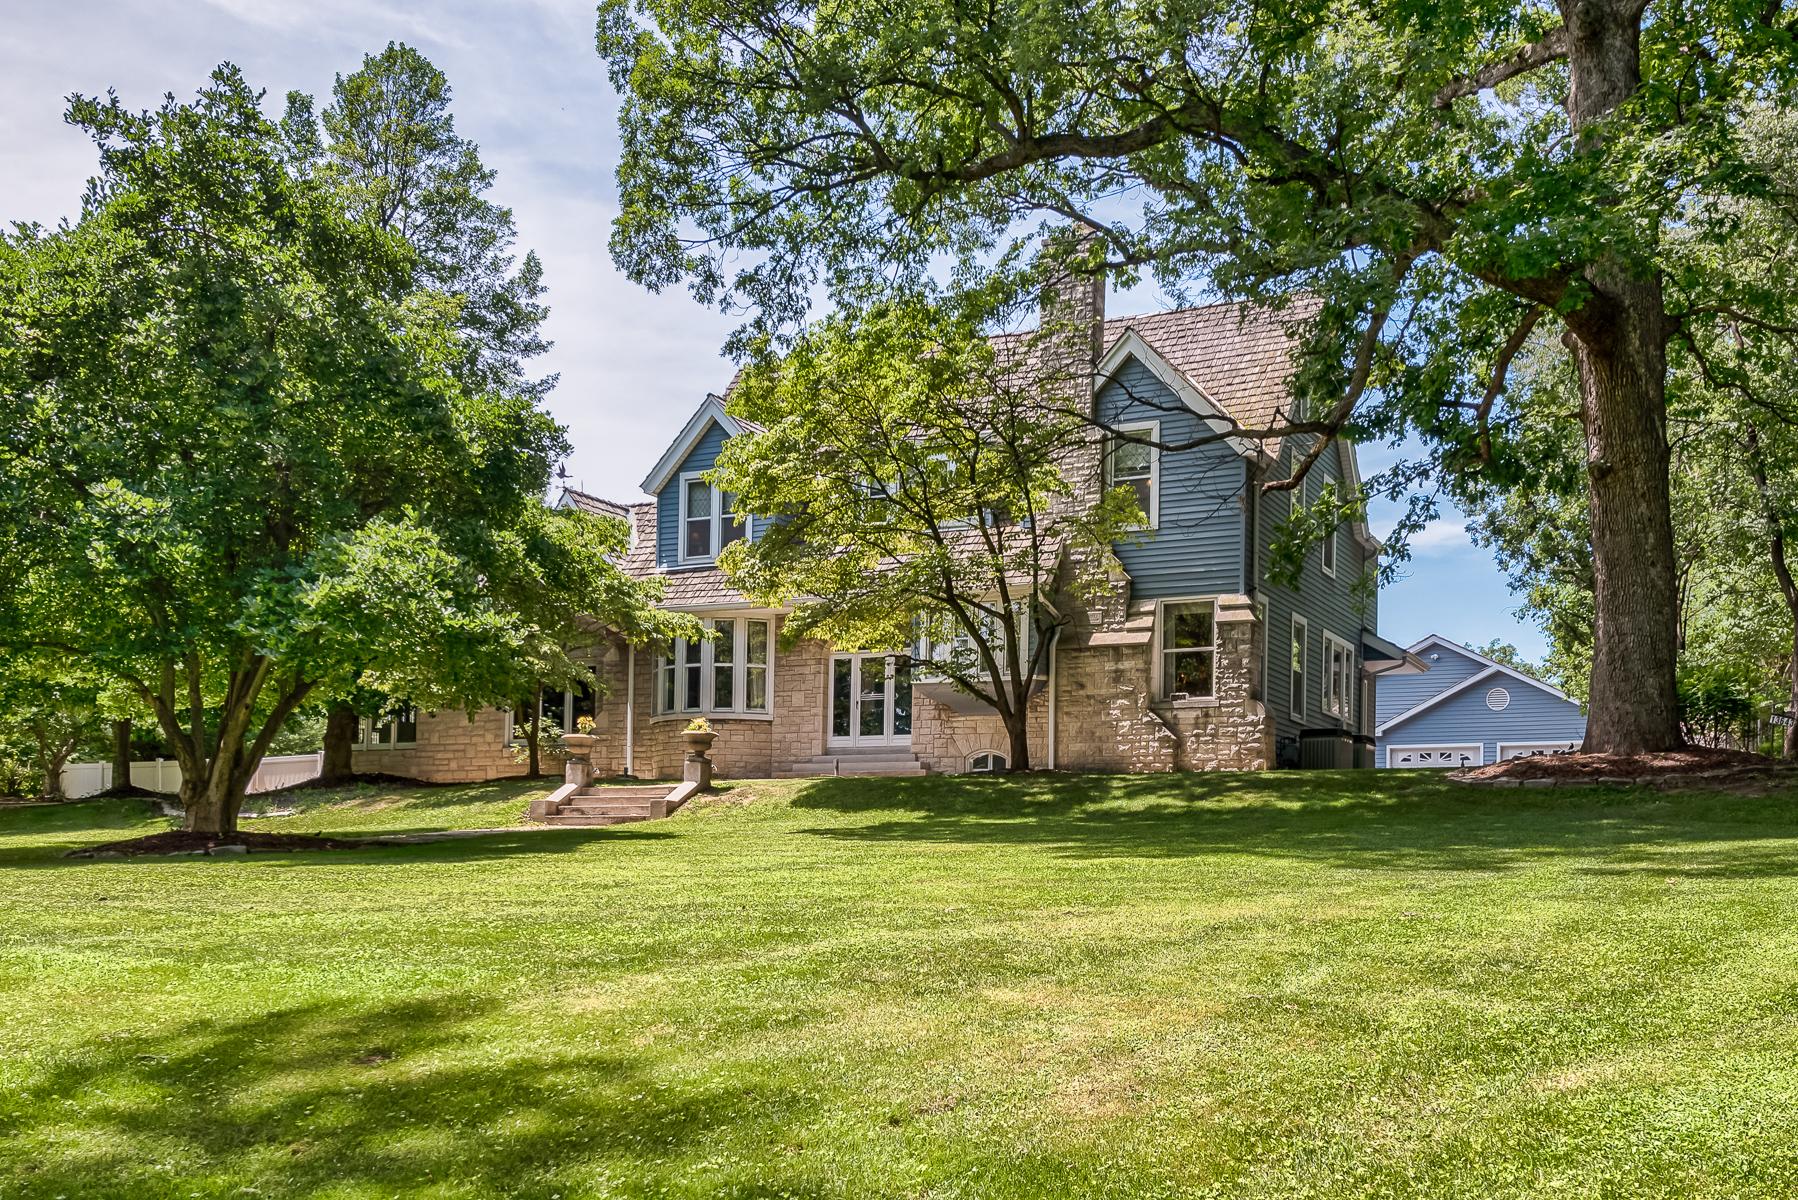 Casa para uma família para Venda às Amiot Dr 13643 Amiot Maryland Heights, Missouri, 63146 Estados Unidos